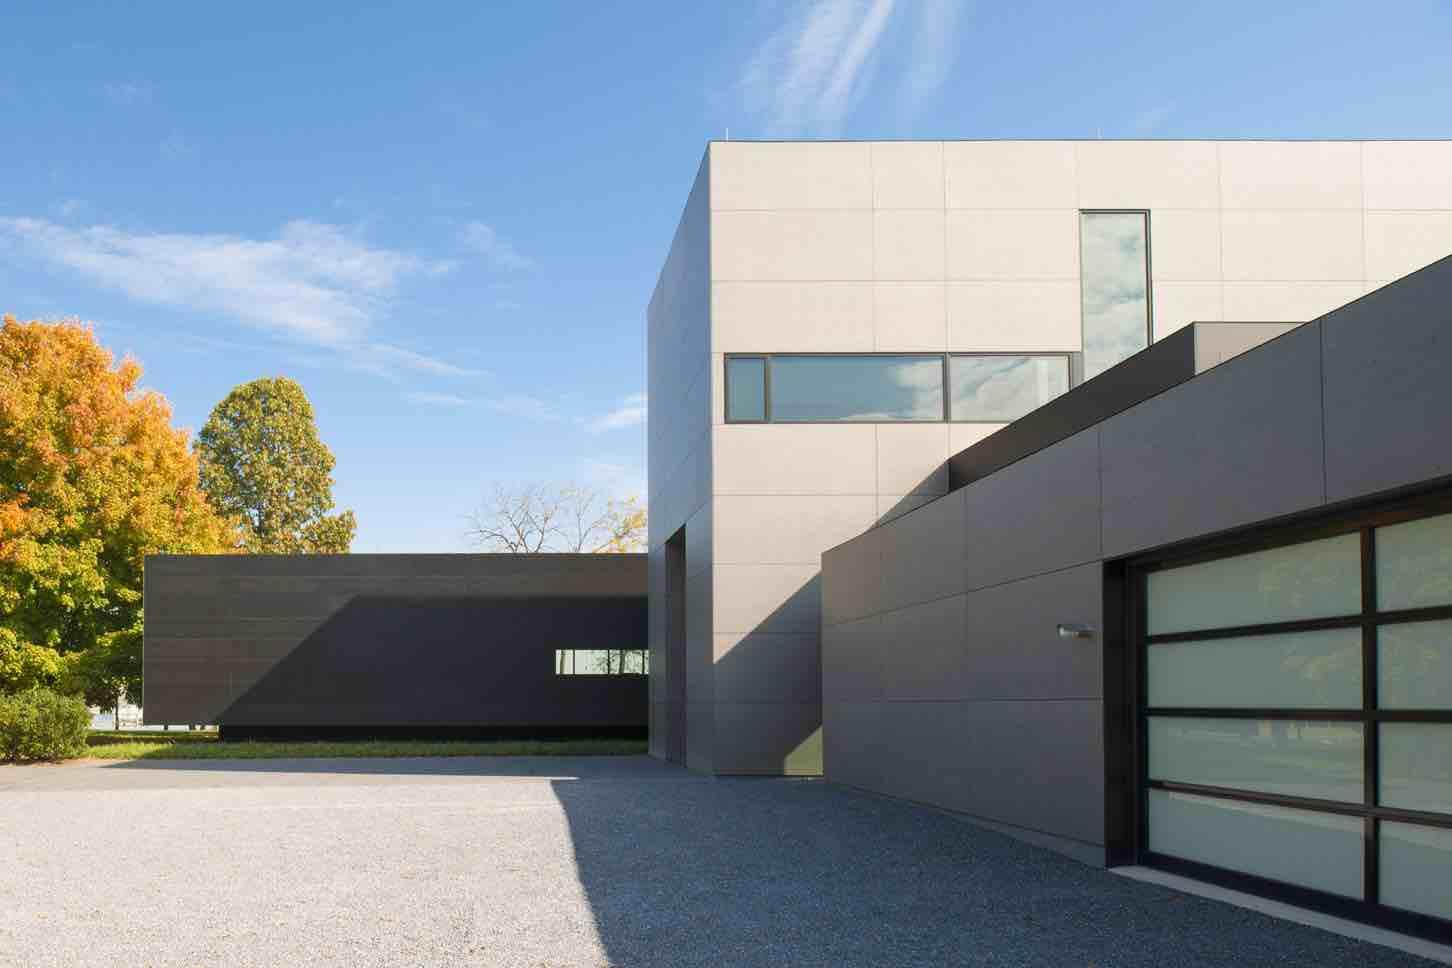 tred-avon-river-house-robert-m-gurney-architect_mackenzie-gurney-guttmanresidence-24